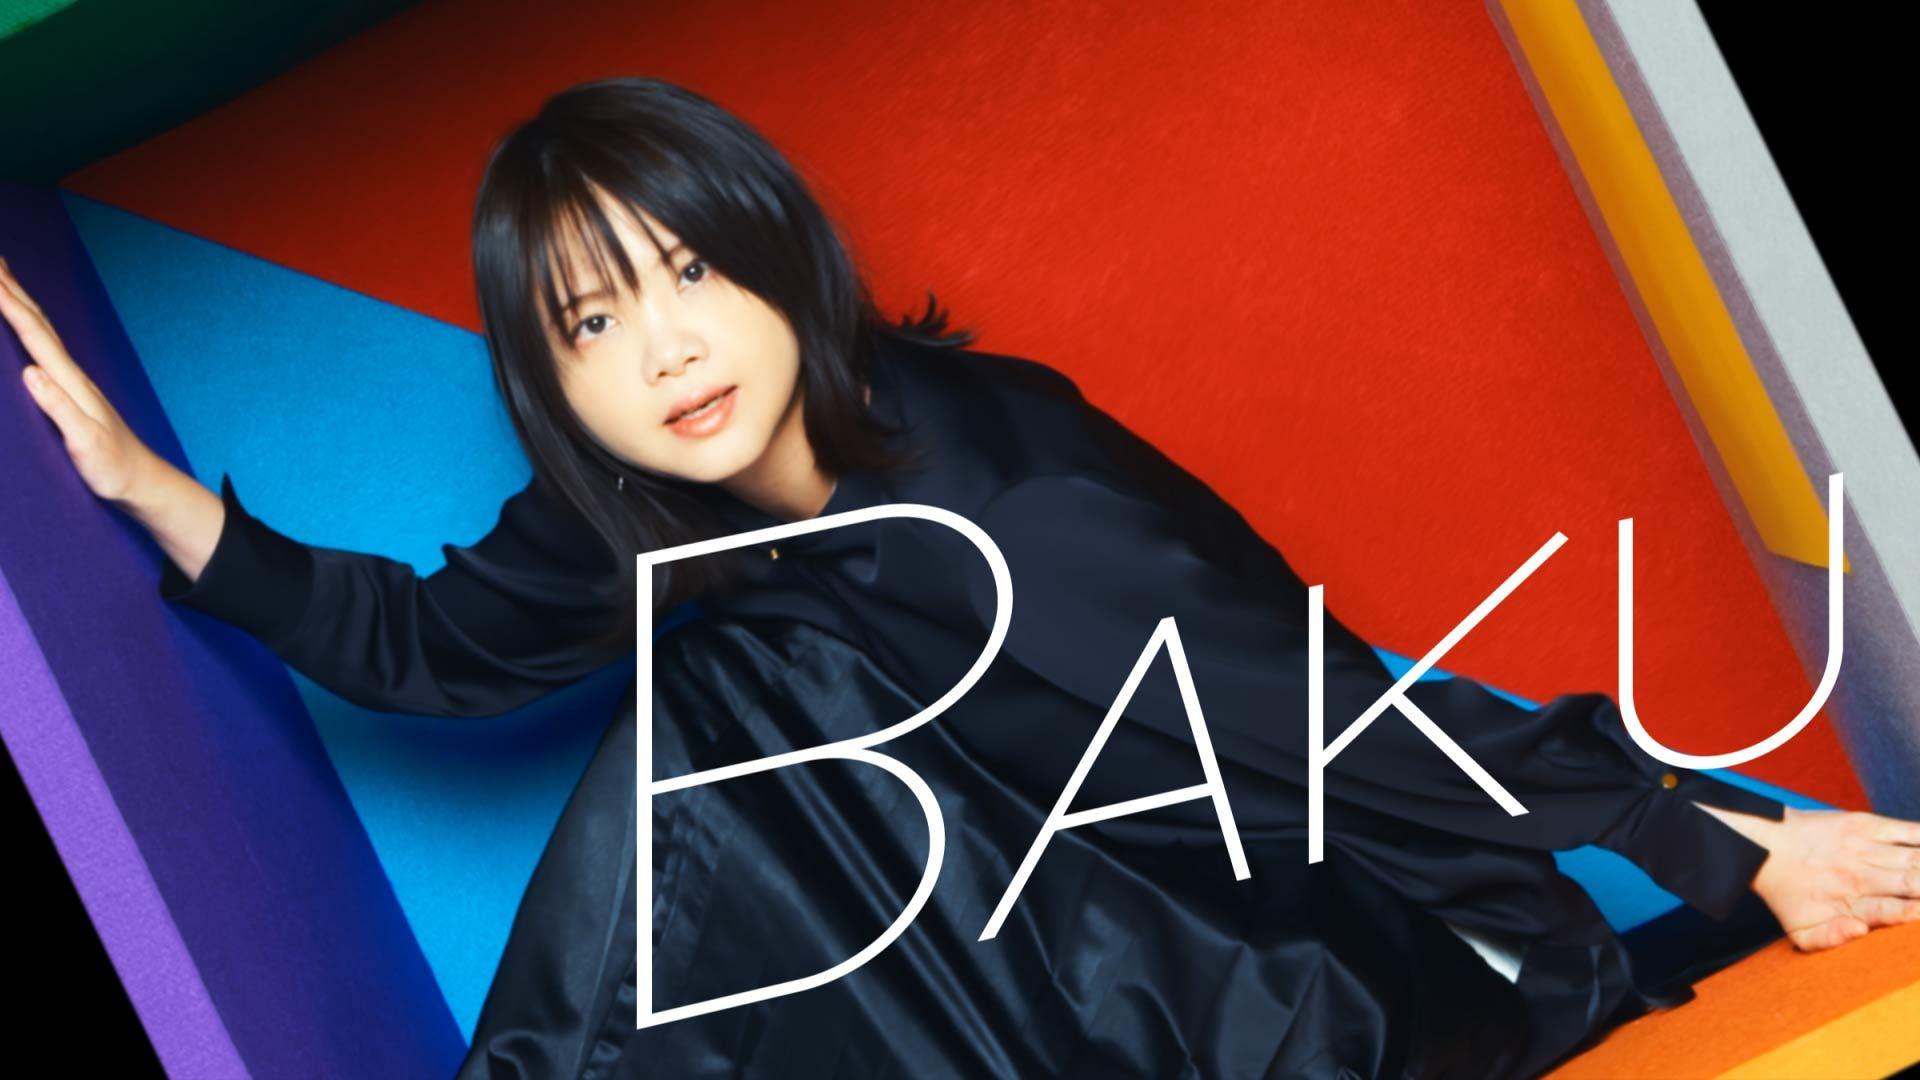 「BAKU」ミュージックビデオサムネイル